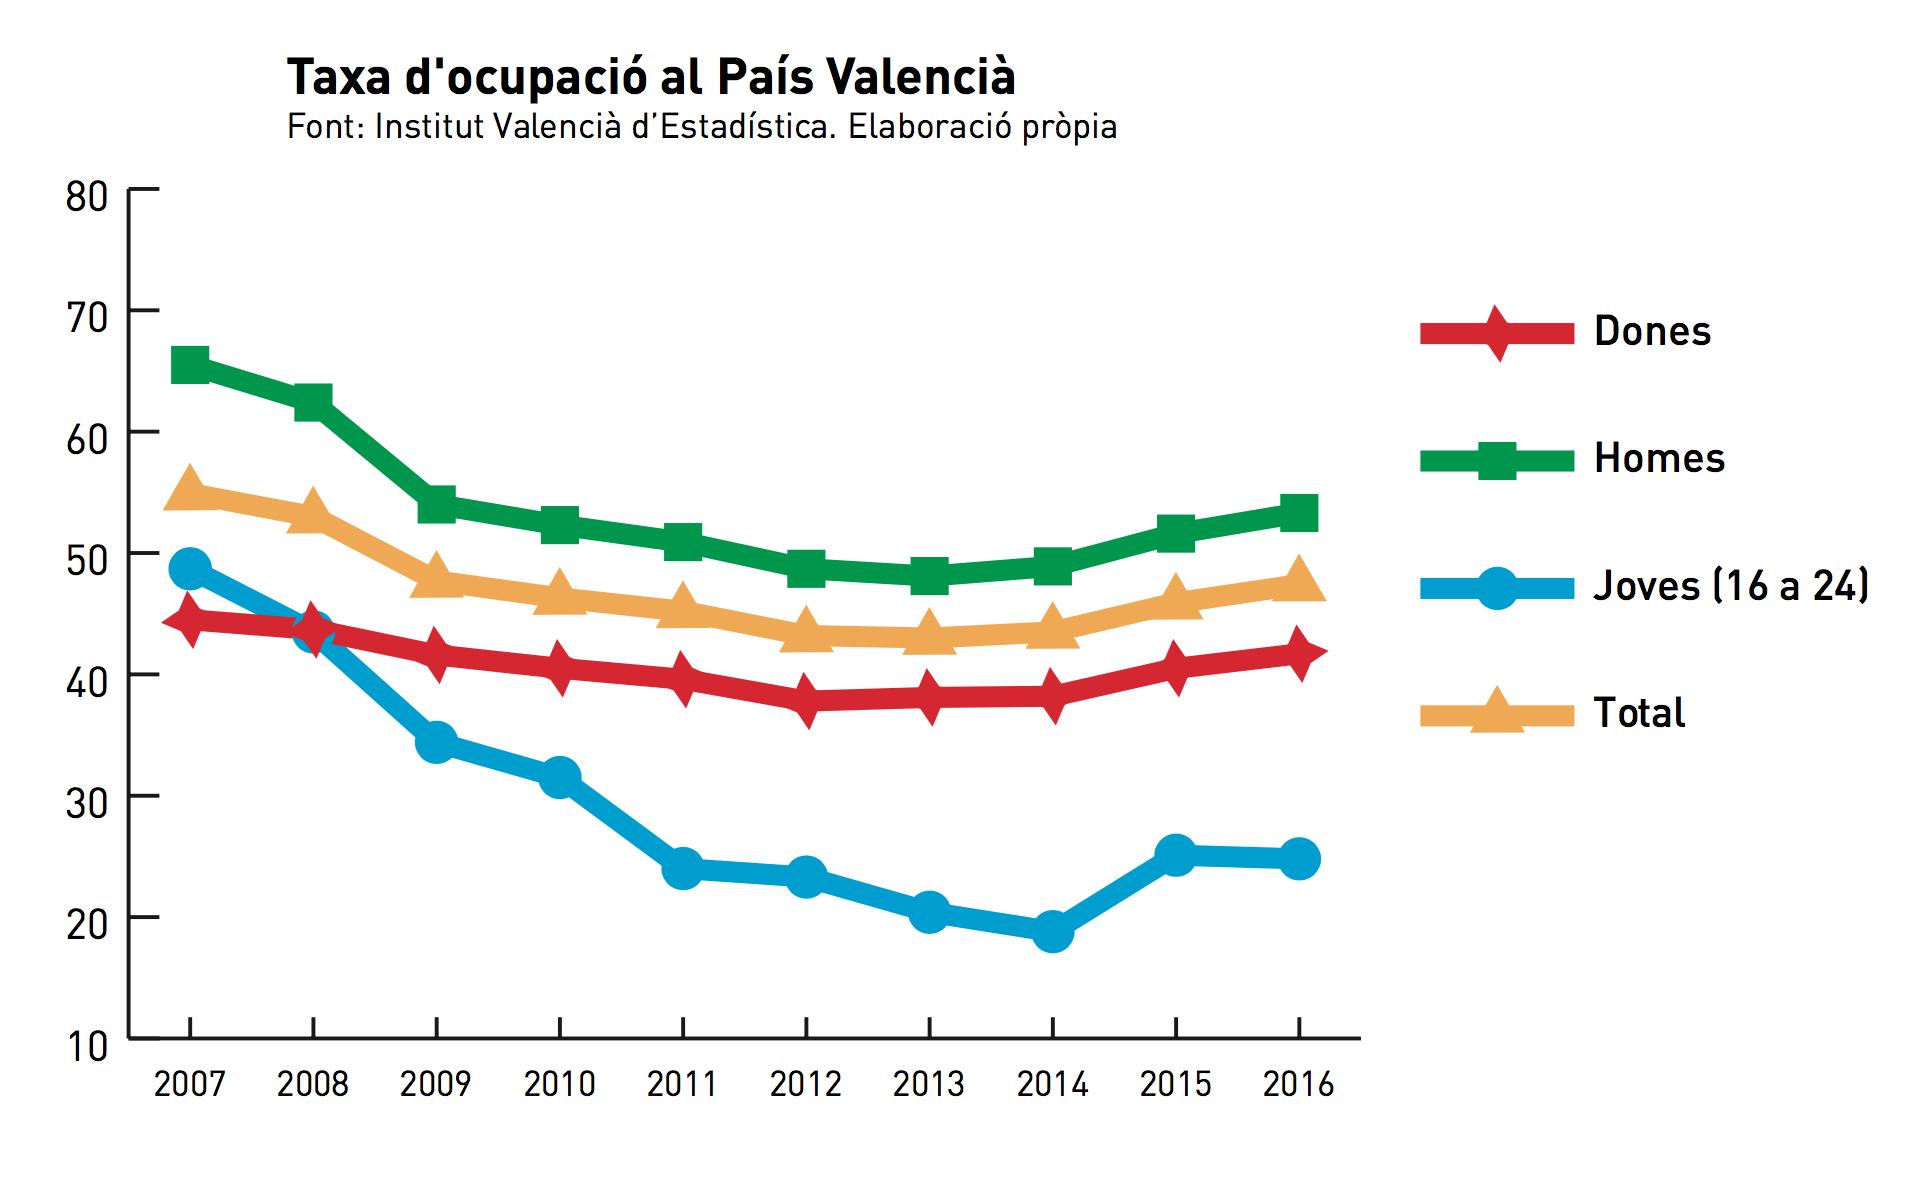 Taxa d'atur al País Valencià